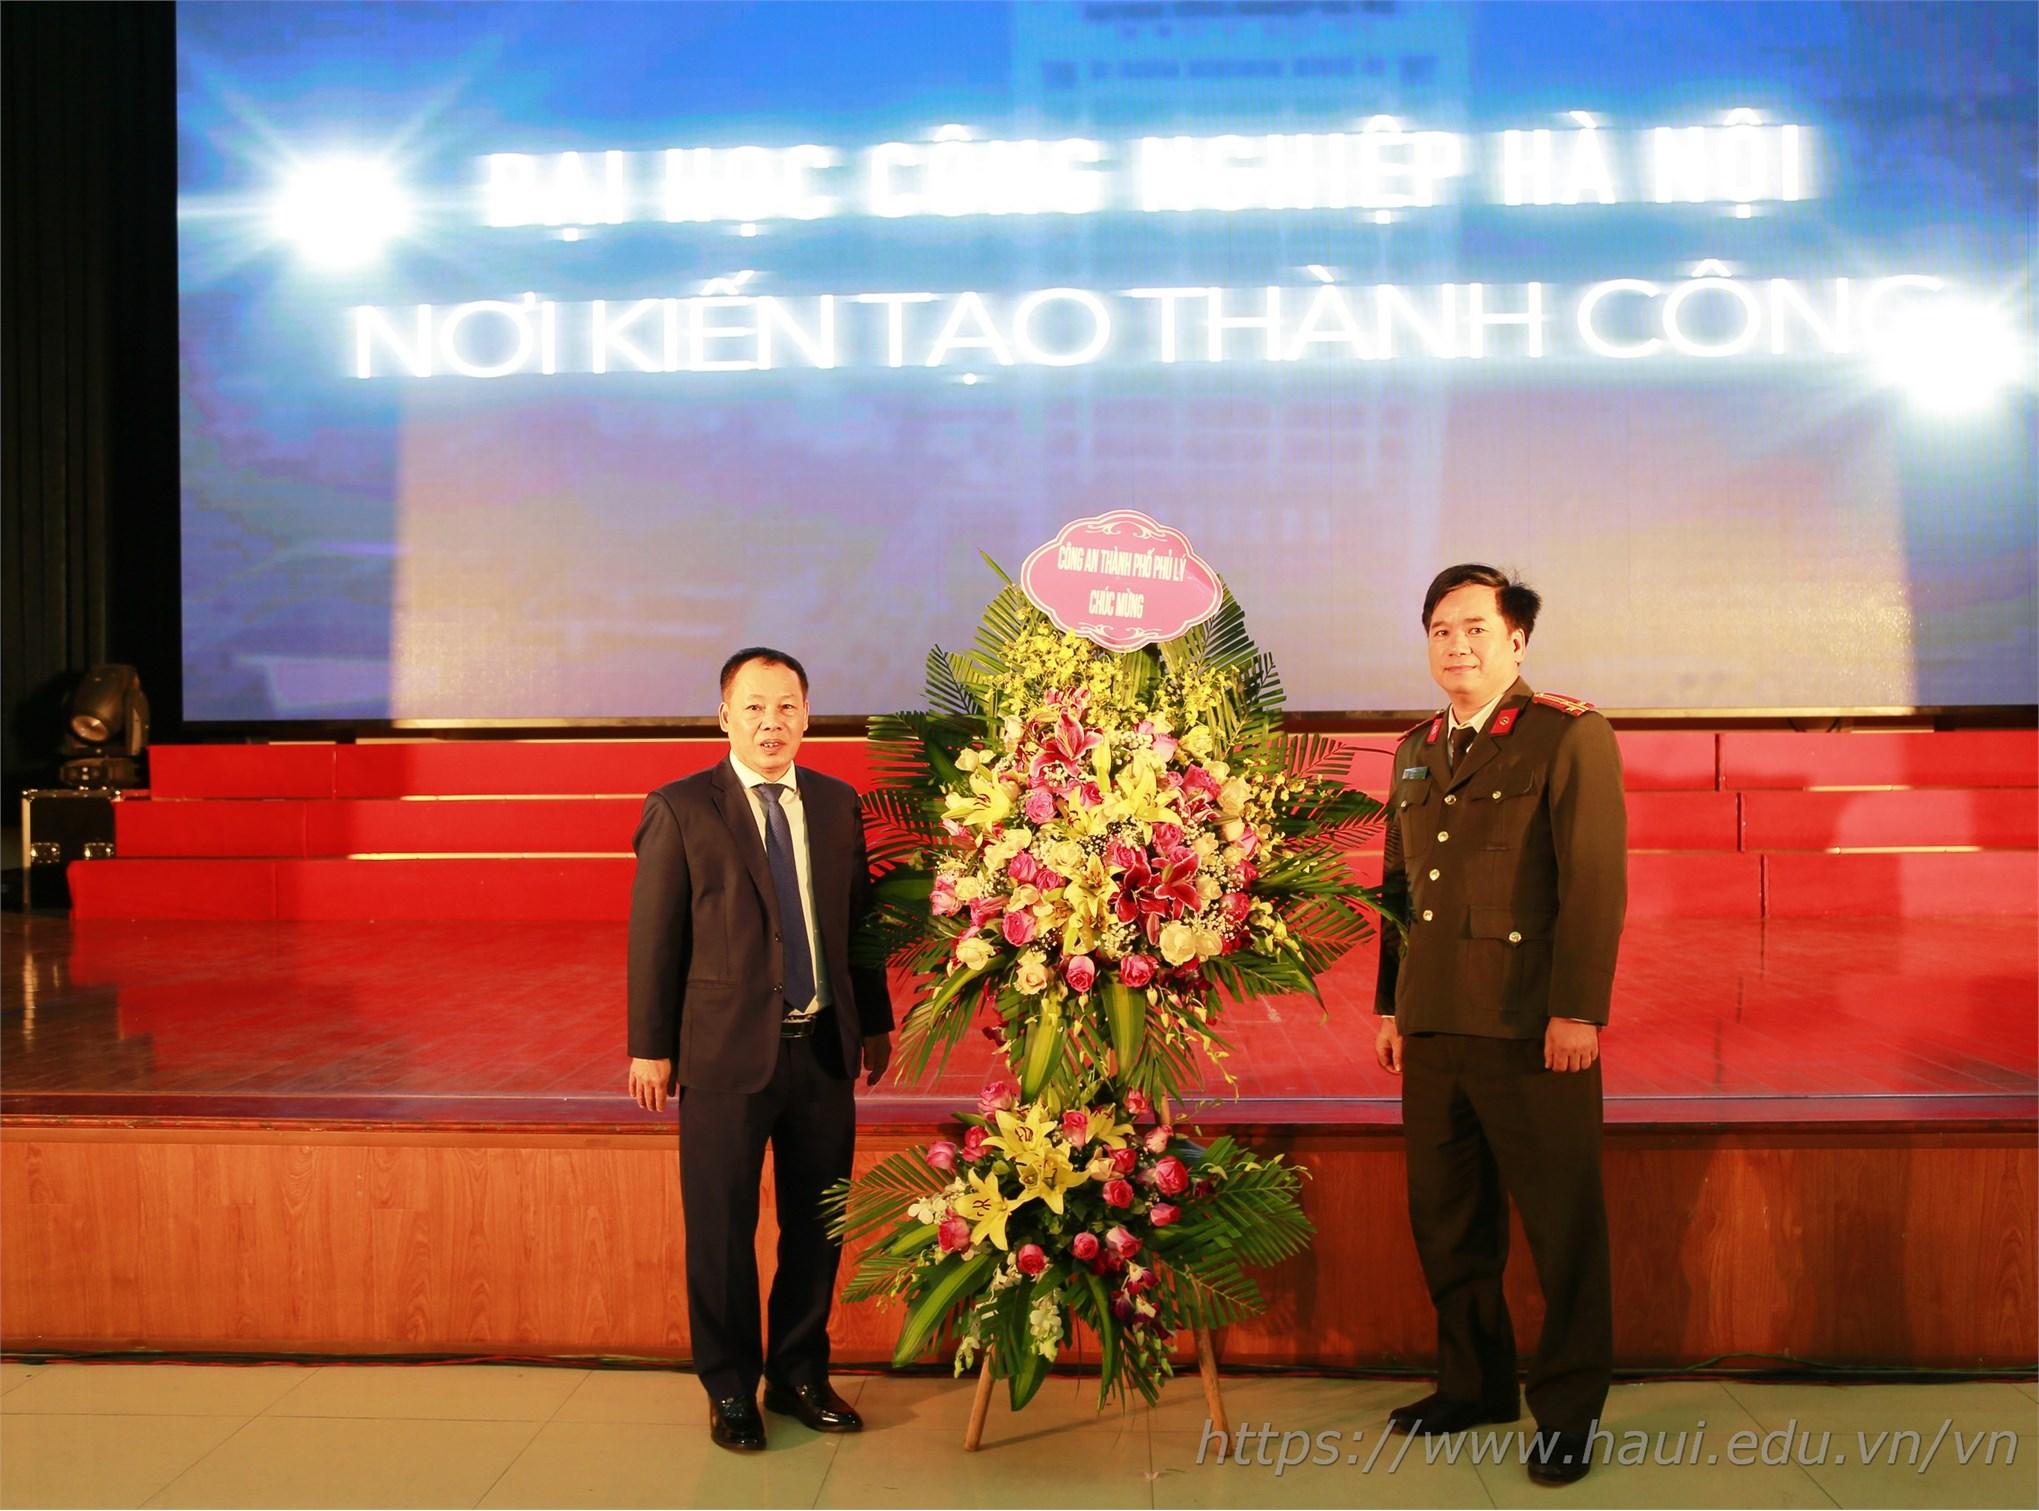 Đại học Công nghiệp Hà Nội khai giảng năm học 2020 - 2021